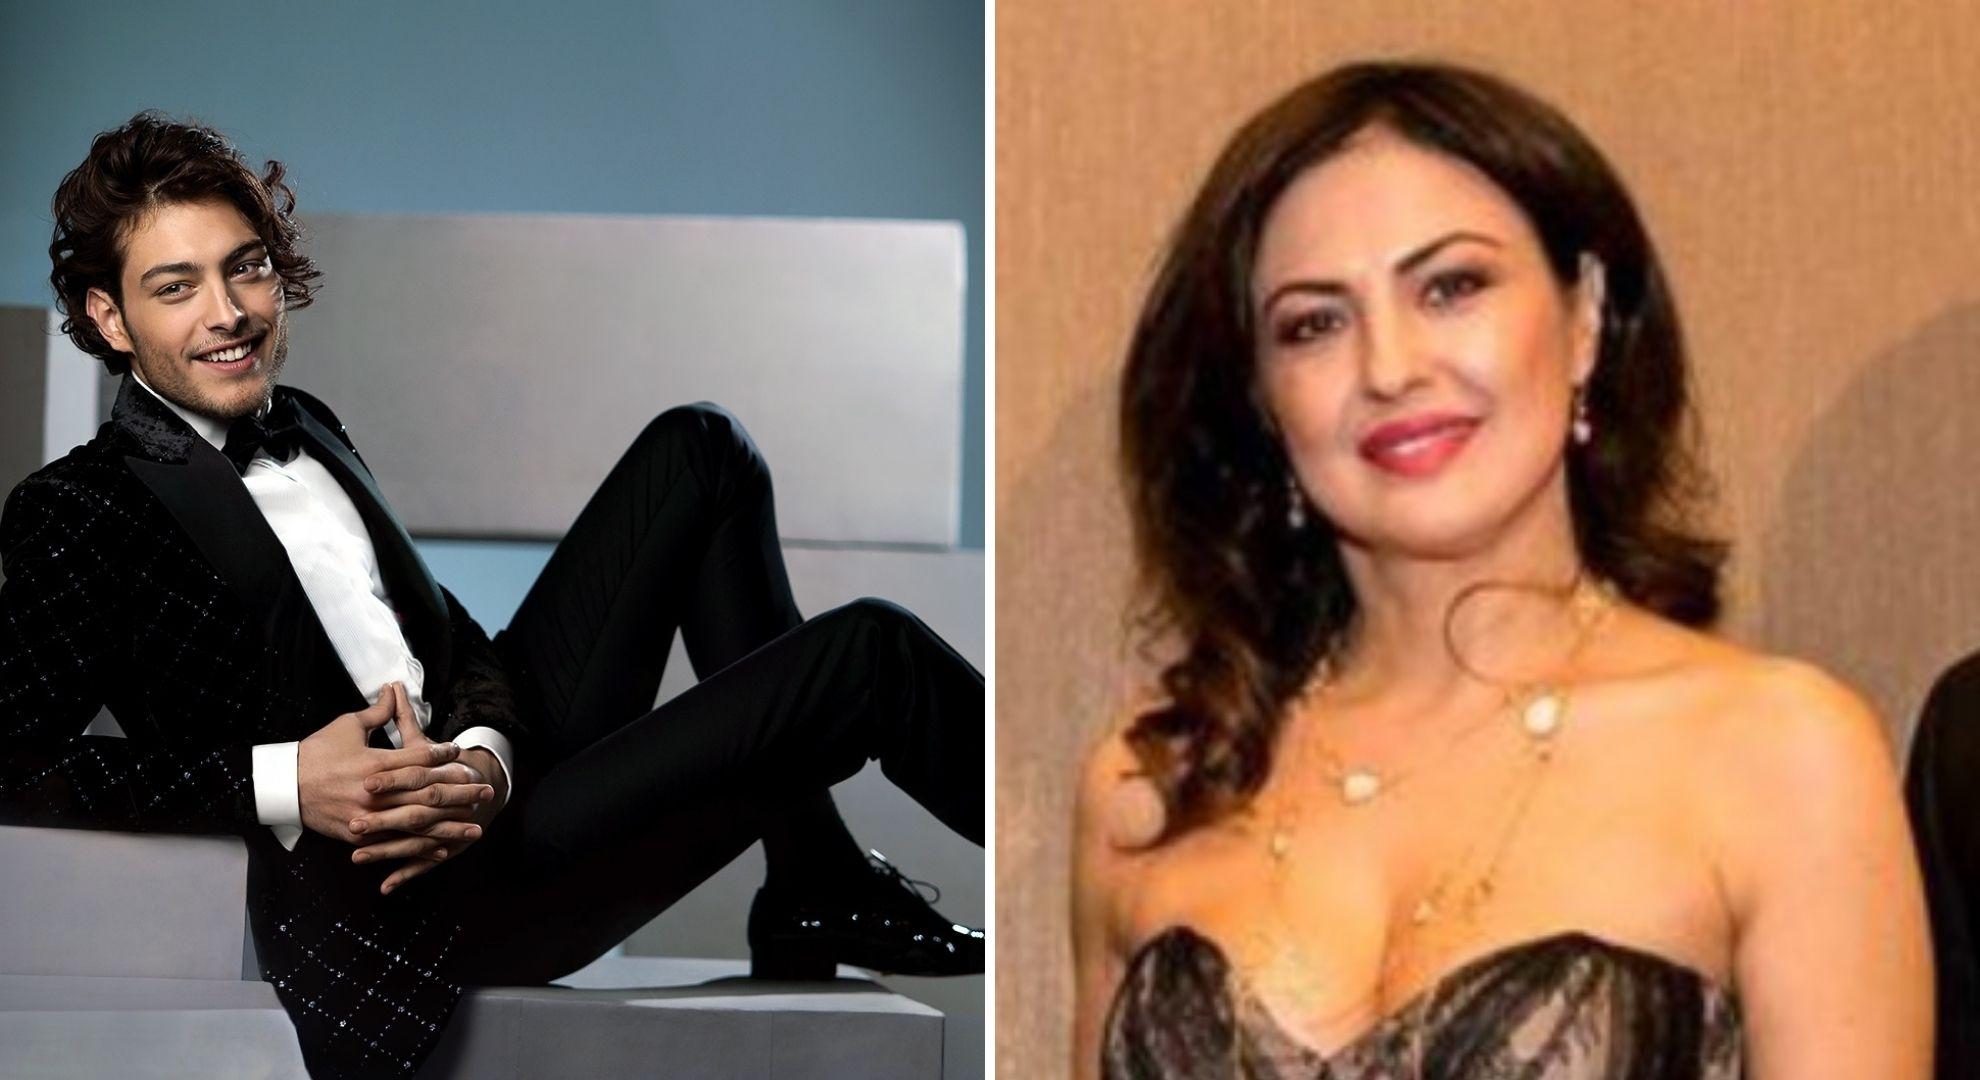 O recunoști? Este soția unui bărbat celebru din România. Au împreună un fiu faimos